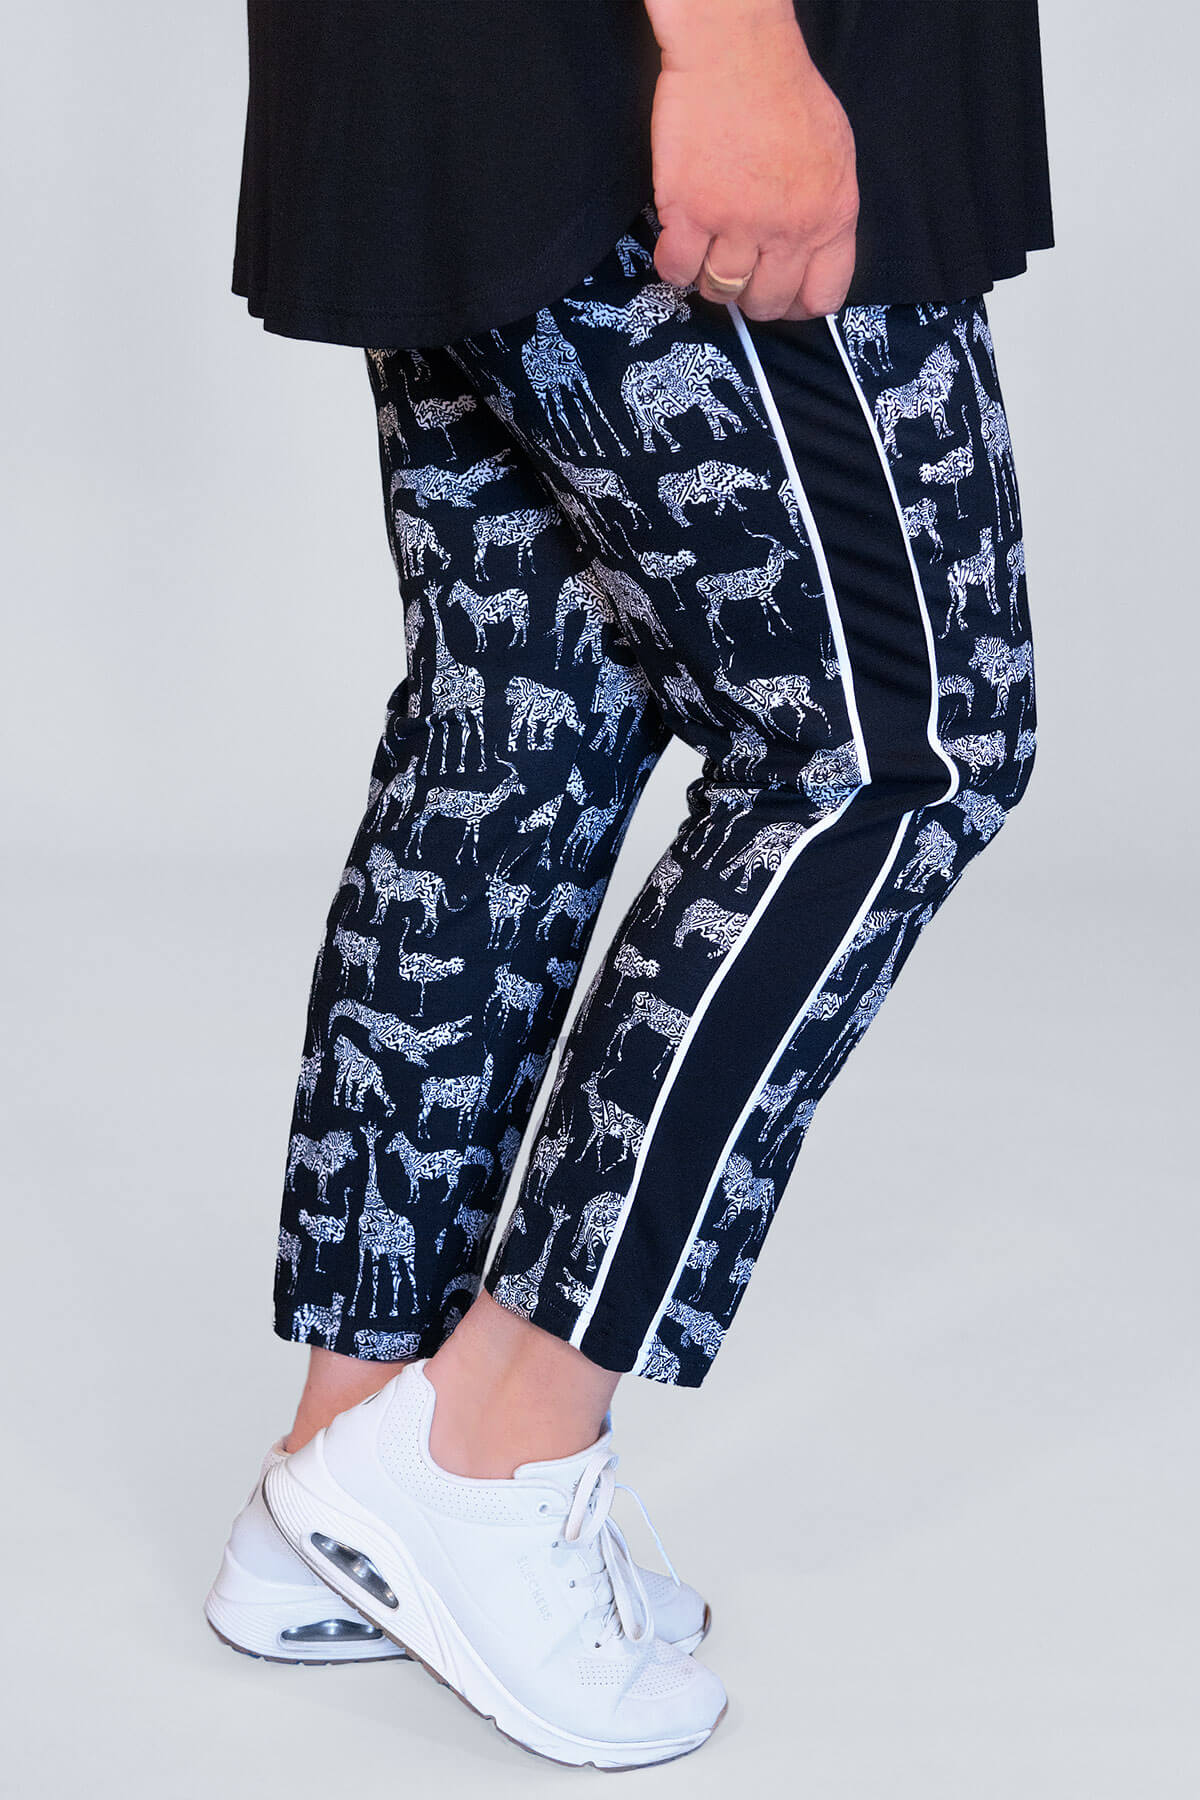 Doris Streich safari leggings